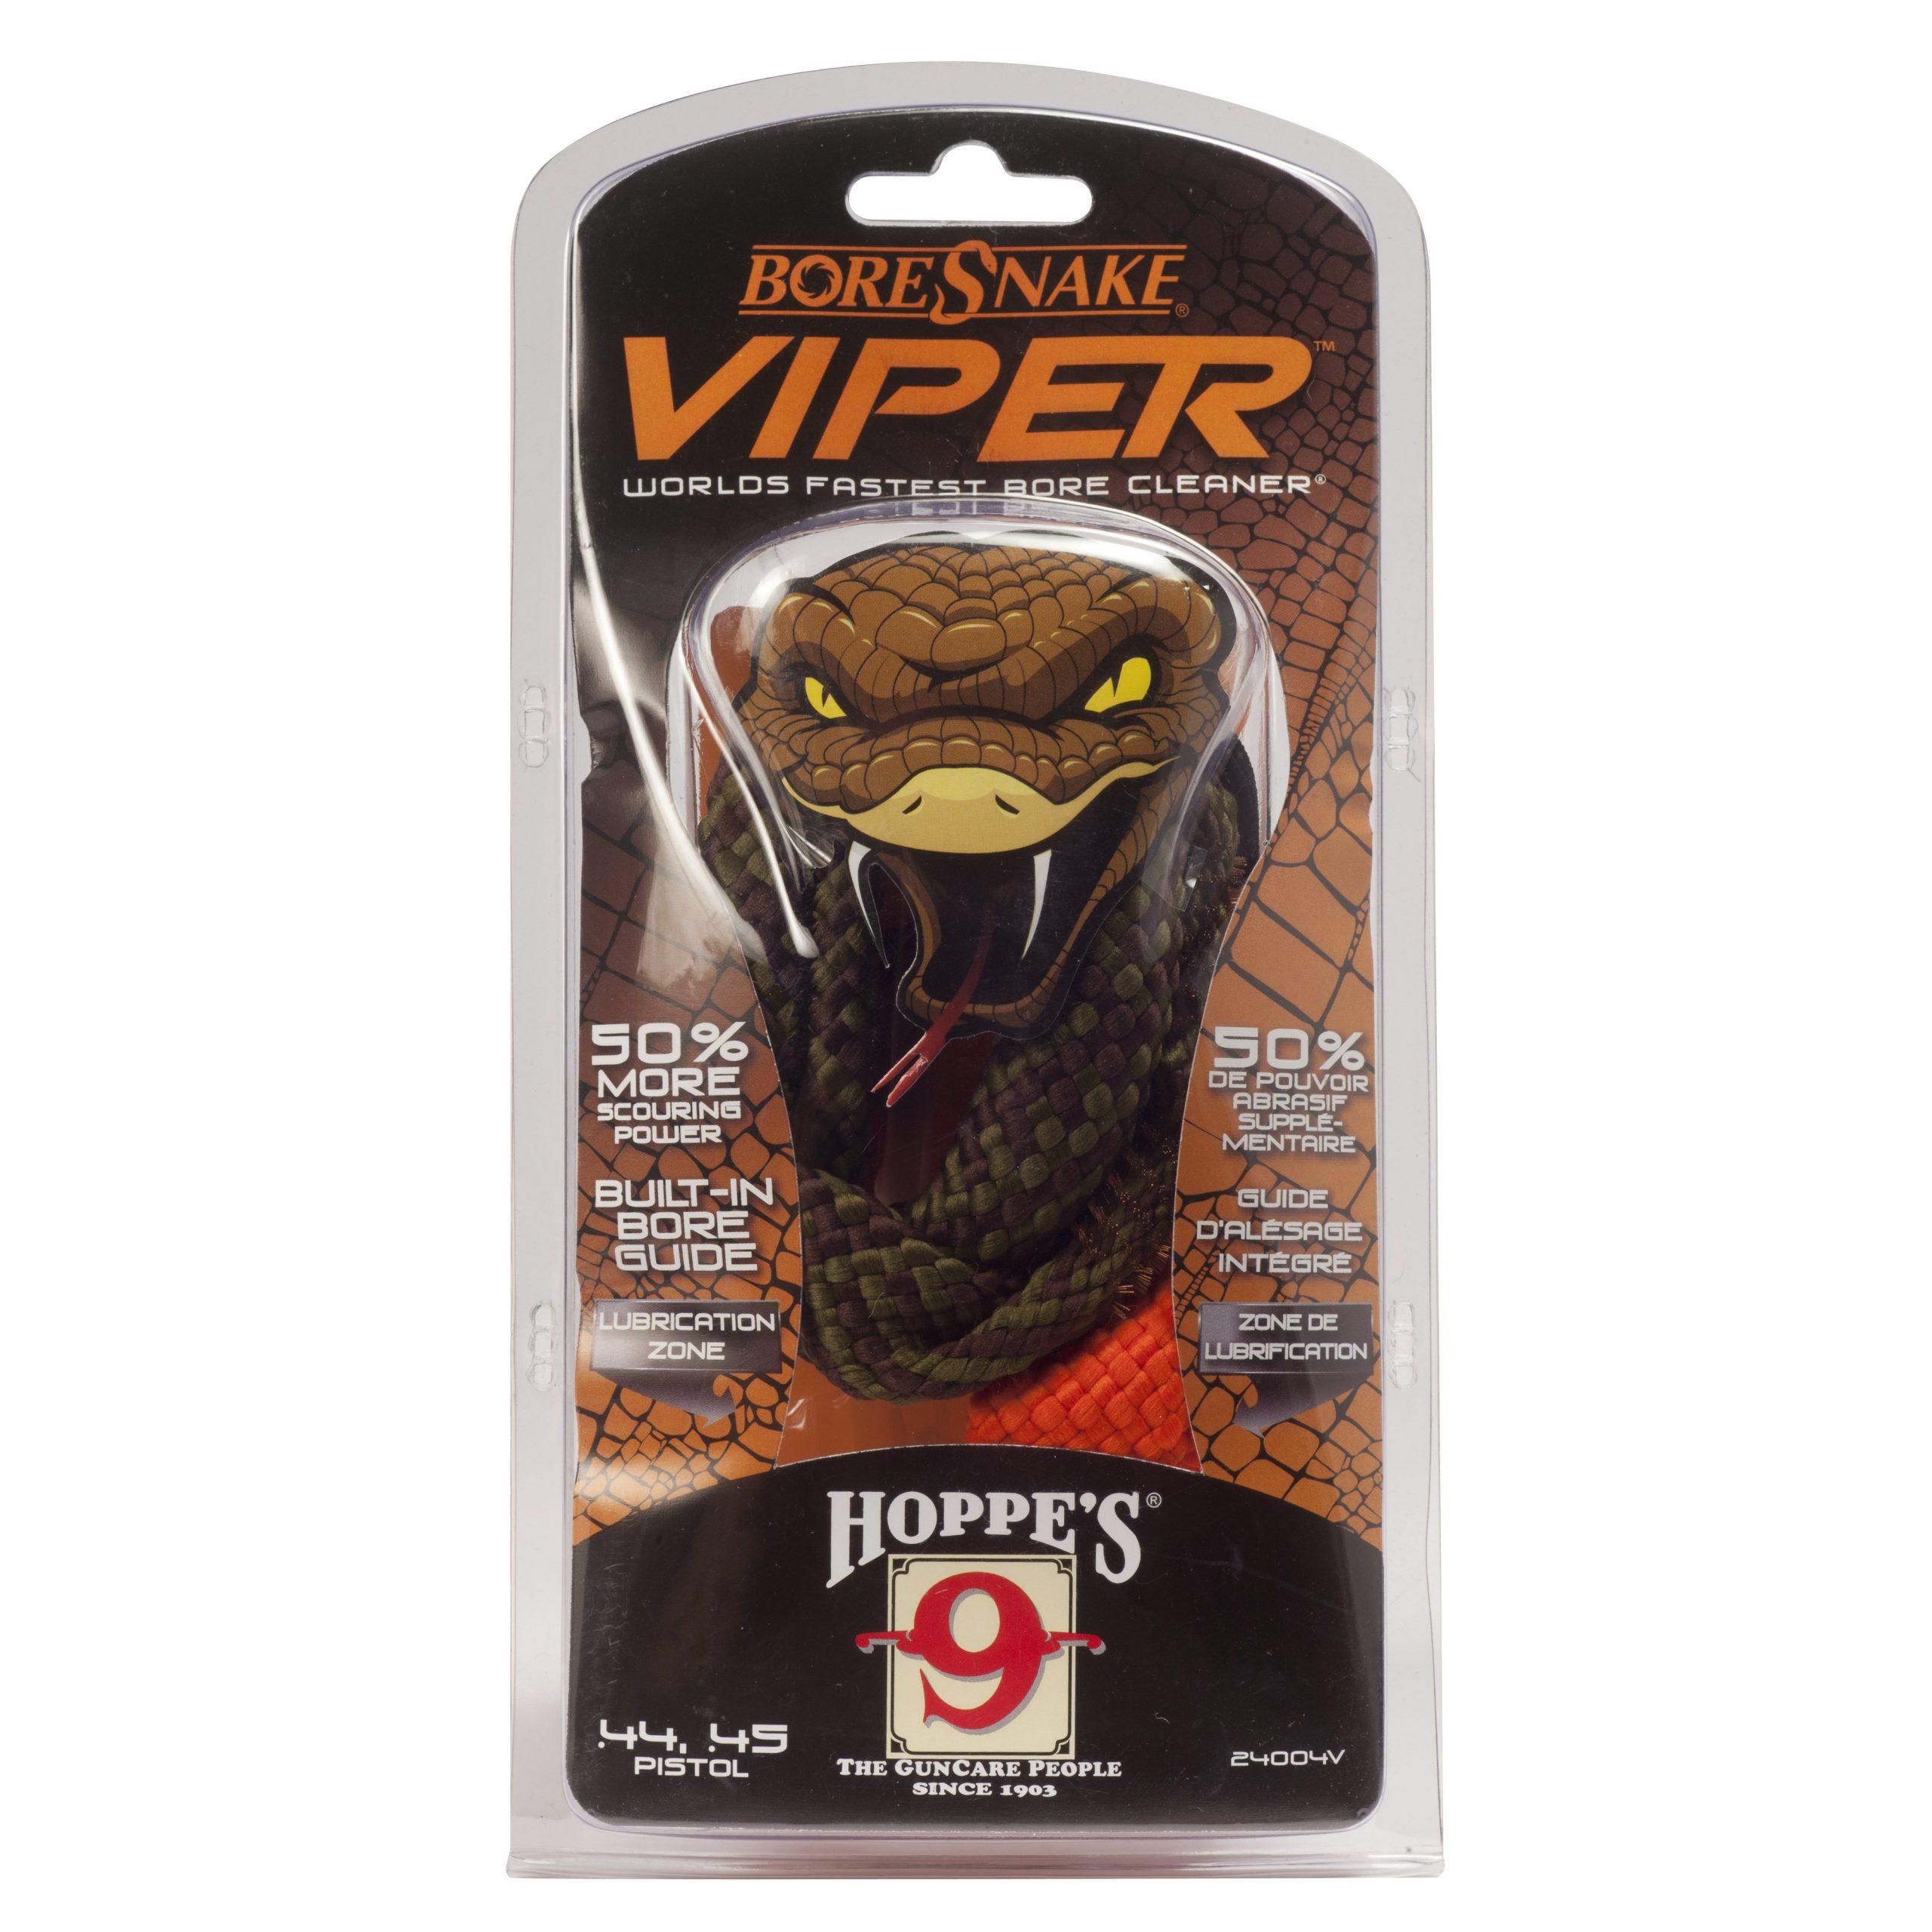 HOPPES-VIPER-BORESNAKE-BORE-CLEANER-PISTOL-.44-.45-CALIBER_24004V.jpg